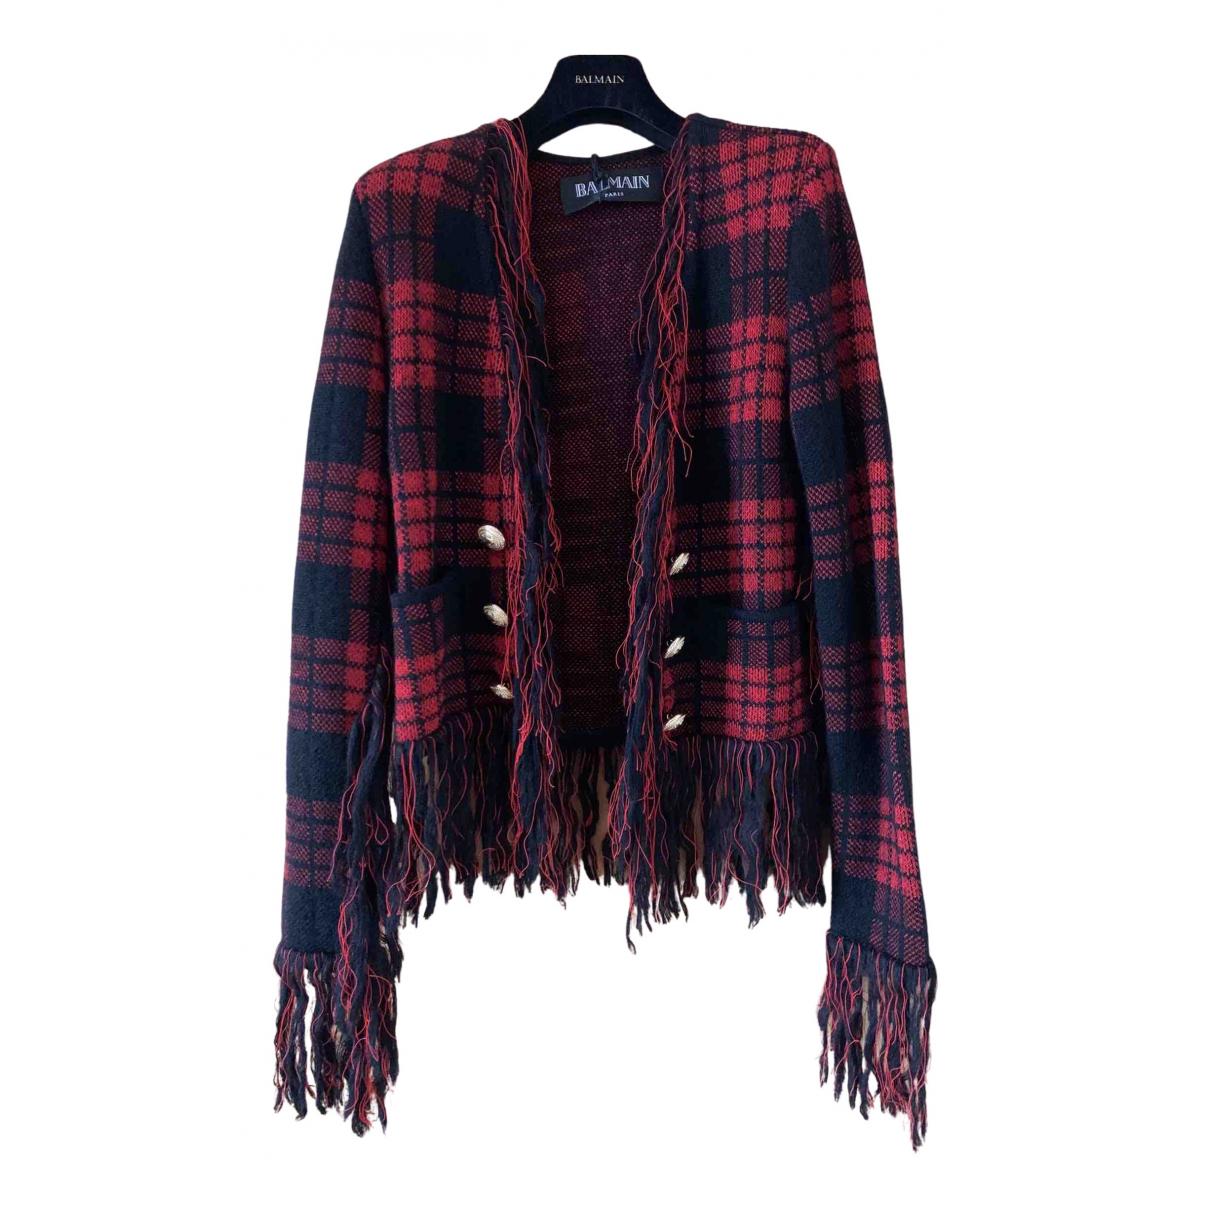 Balmain N Multicolour Wool jacket for Women 36 FR